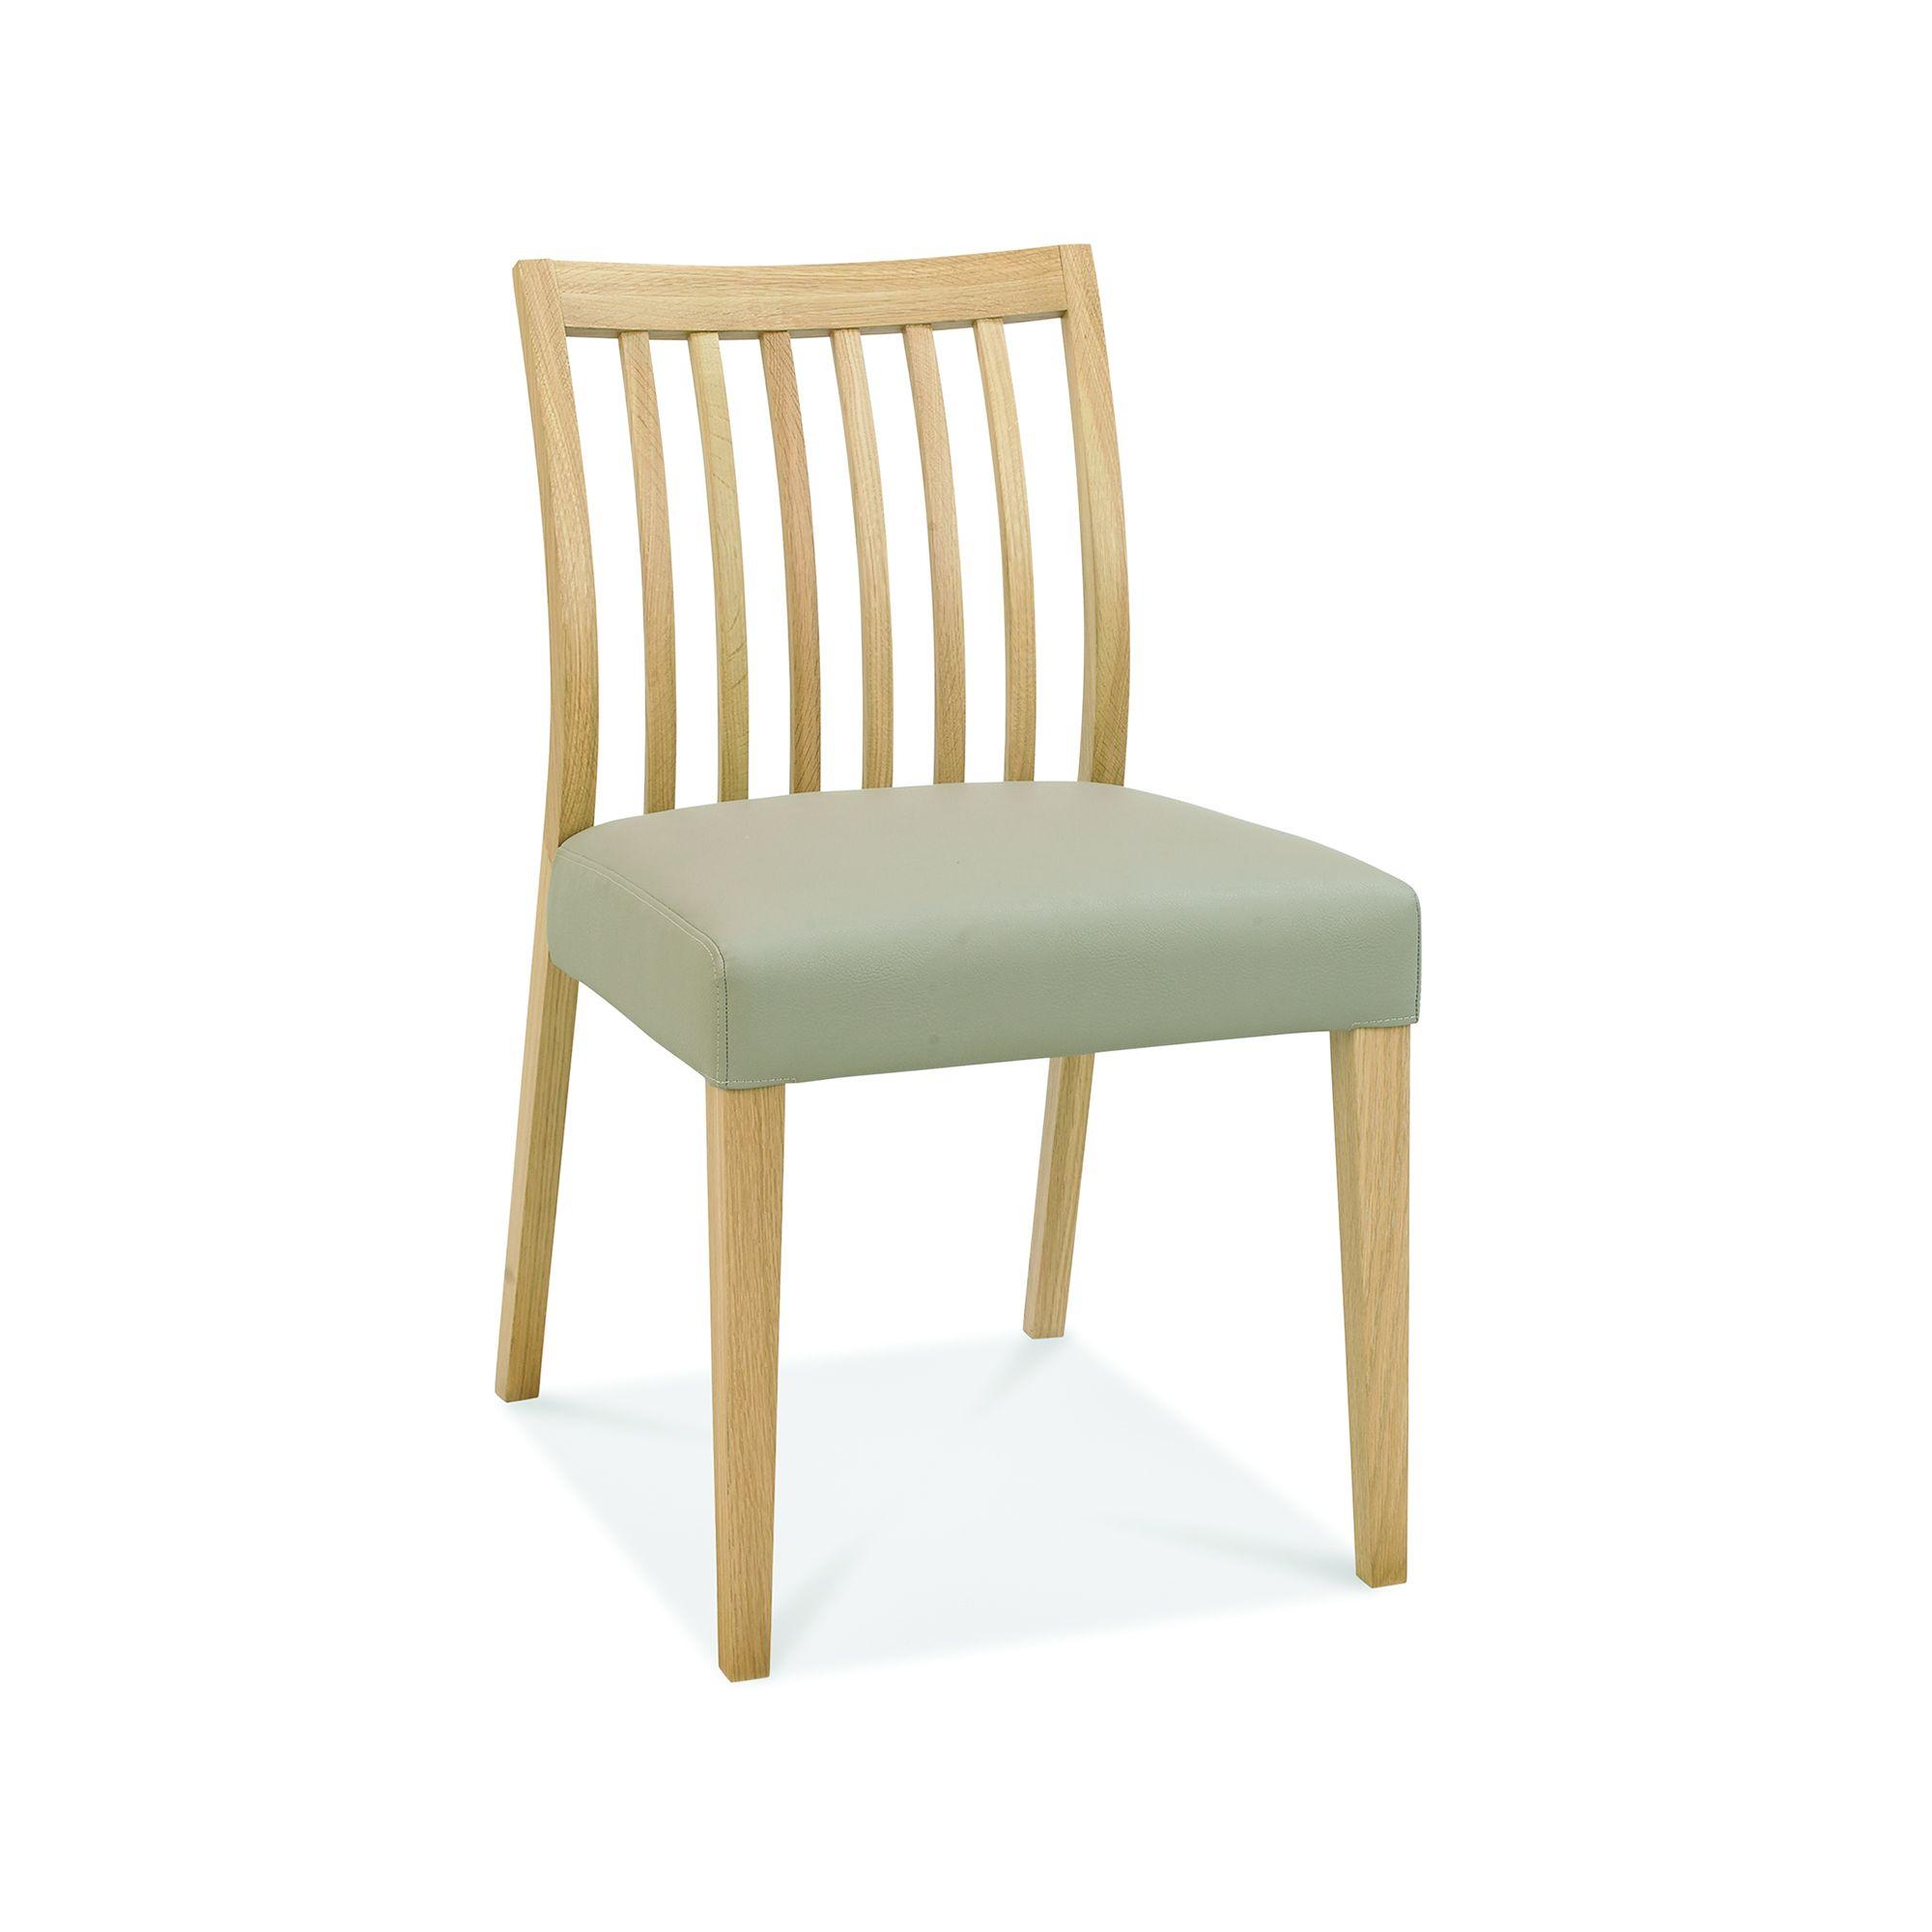 Oakley Low Slat Chair